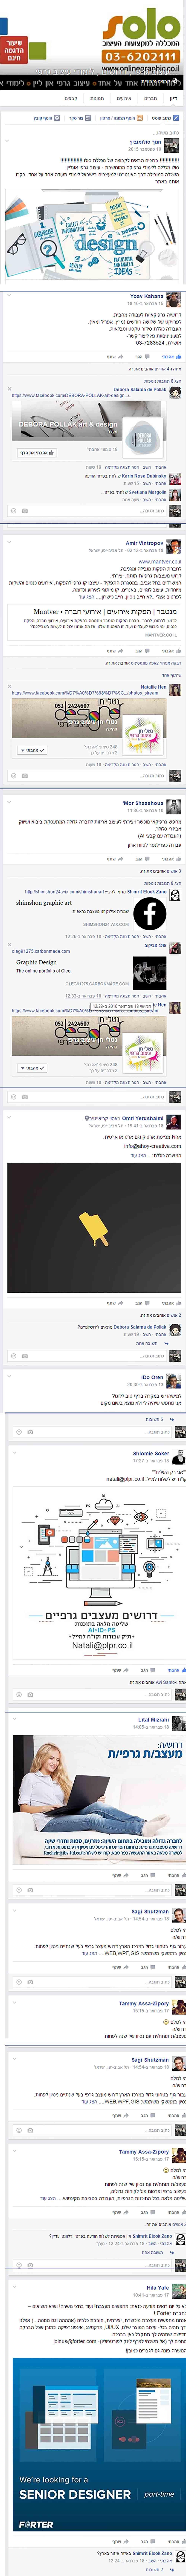 סולו עיצוב גרפי דרושים פייסבוק מעצבים